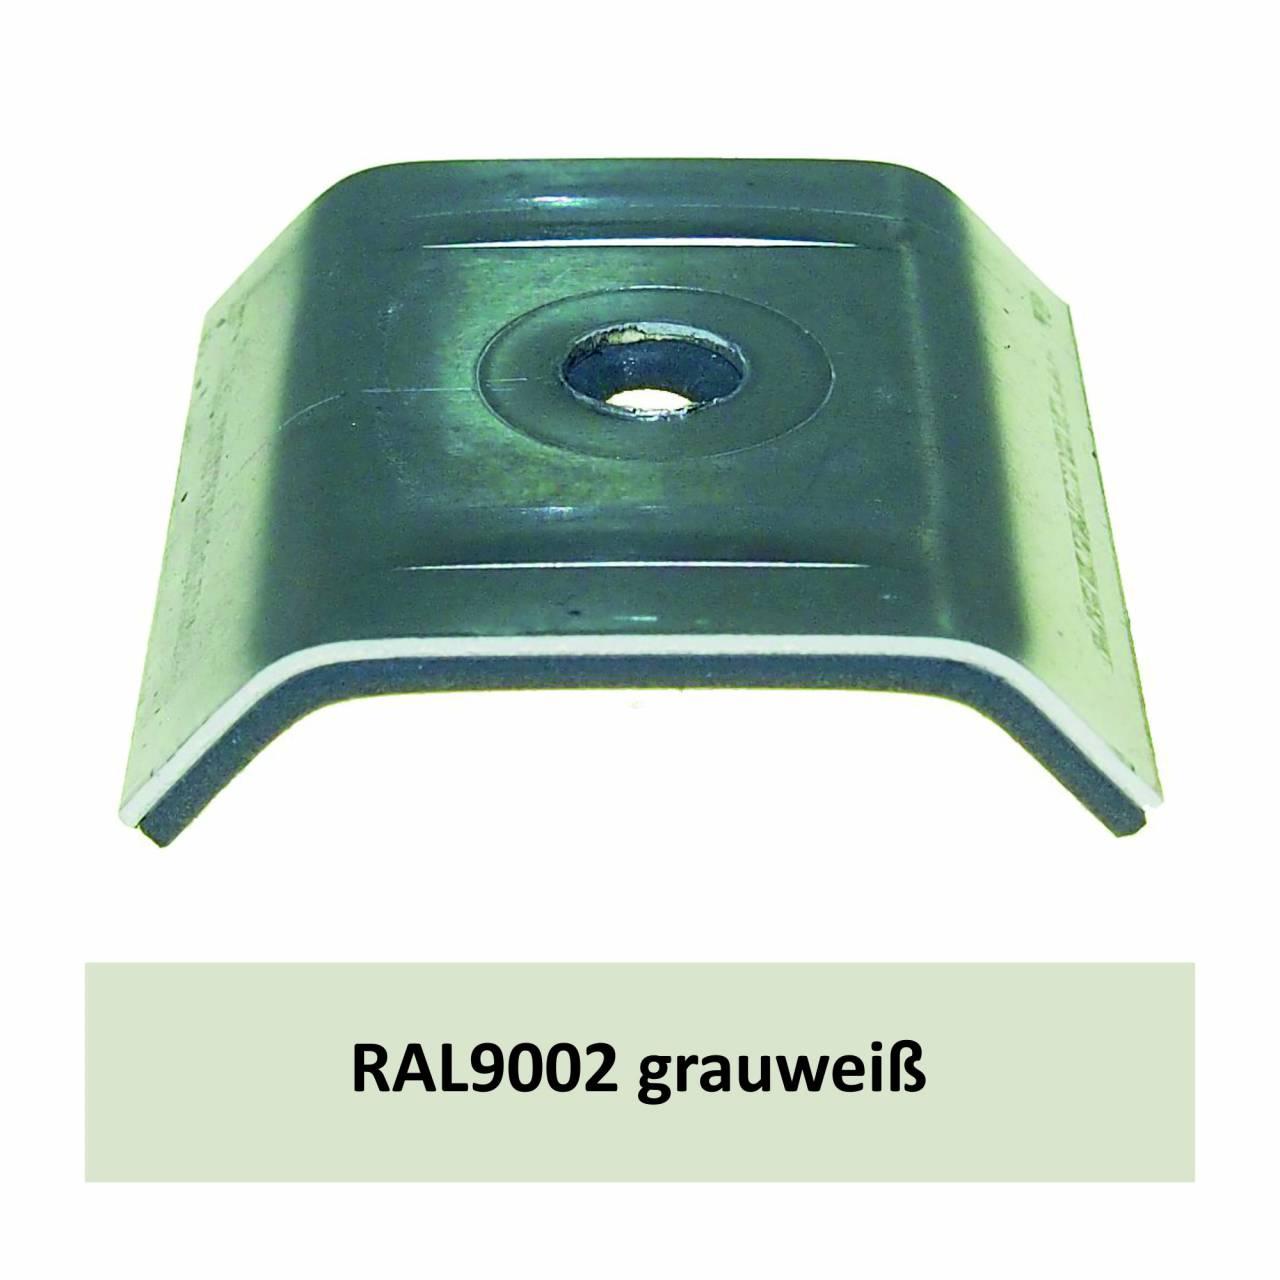 Kalotten für 39/333, Alu RAL9002 grauweiß / Pck a 100 Stück